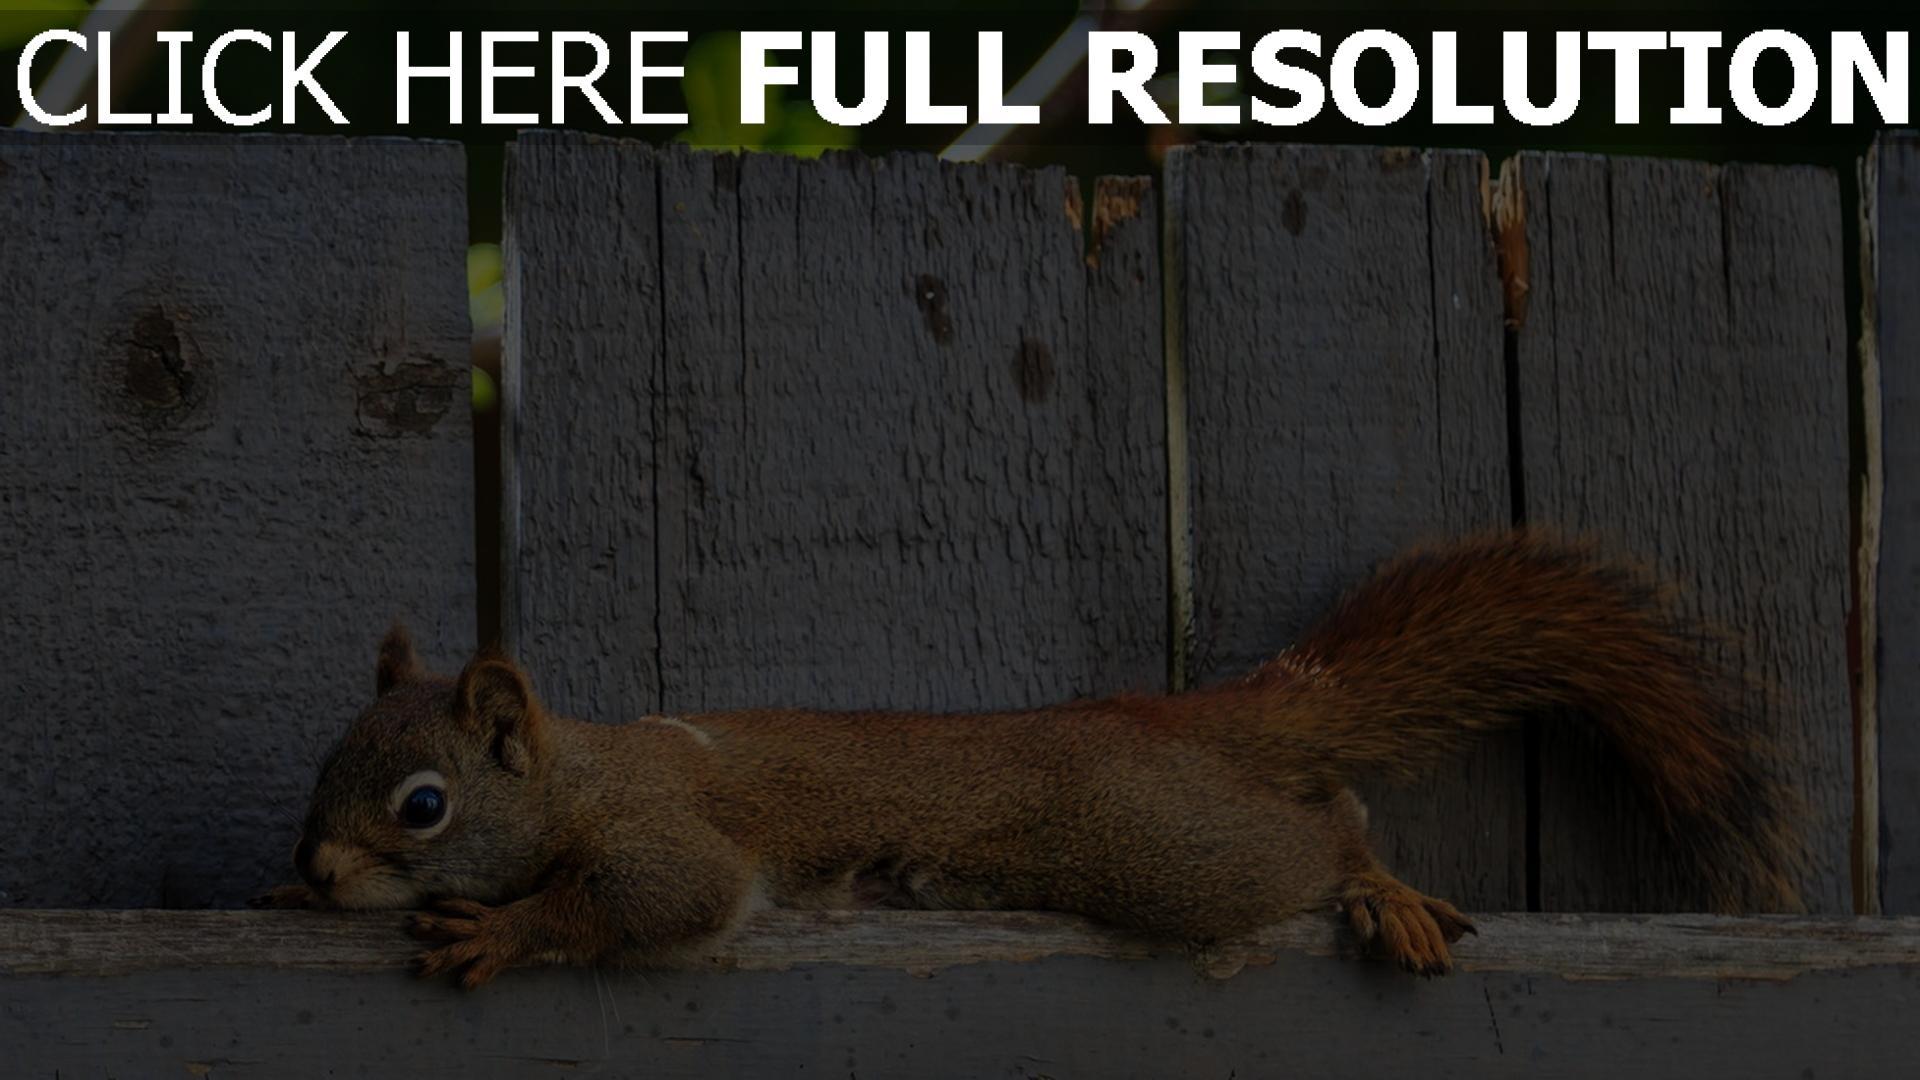 fond d'écran 1920x1080 écureuil clôture gros plan